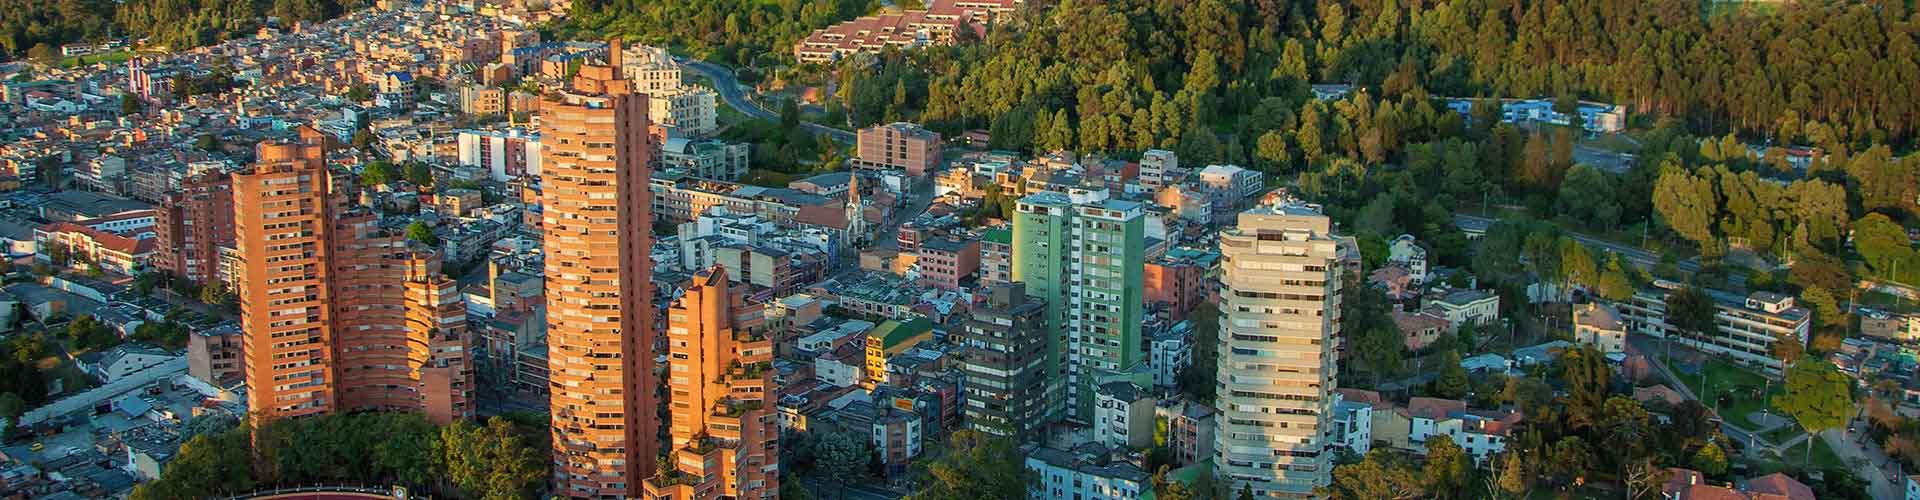 波哥大 – 波哥大 附近的青年旅舍。波哥大地图,波哥大 所有青年旅馆的照片和评分。